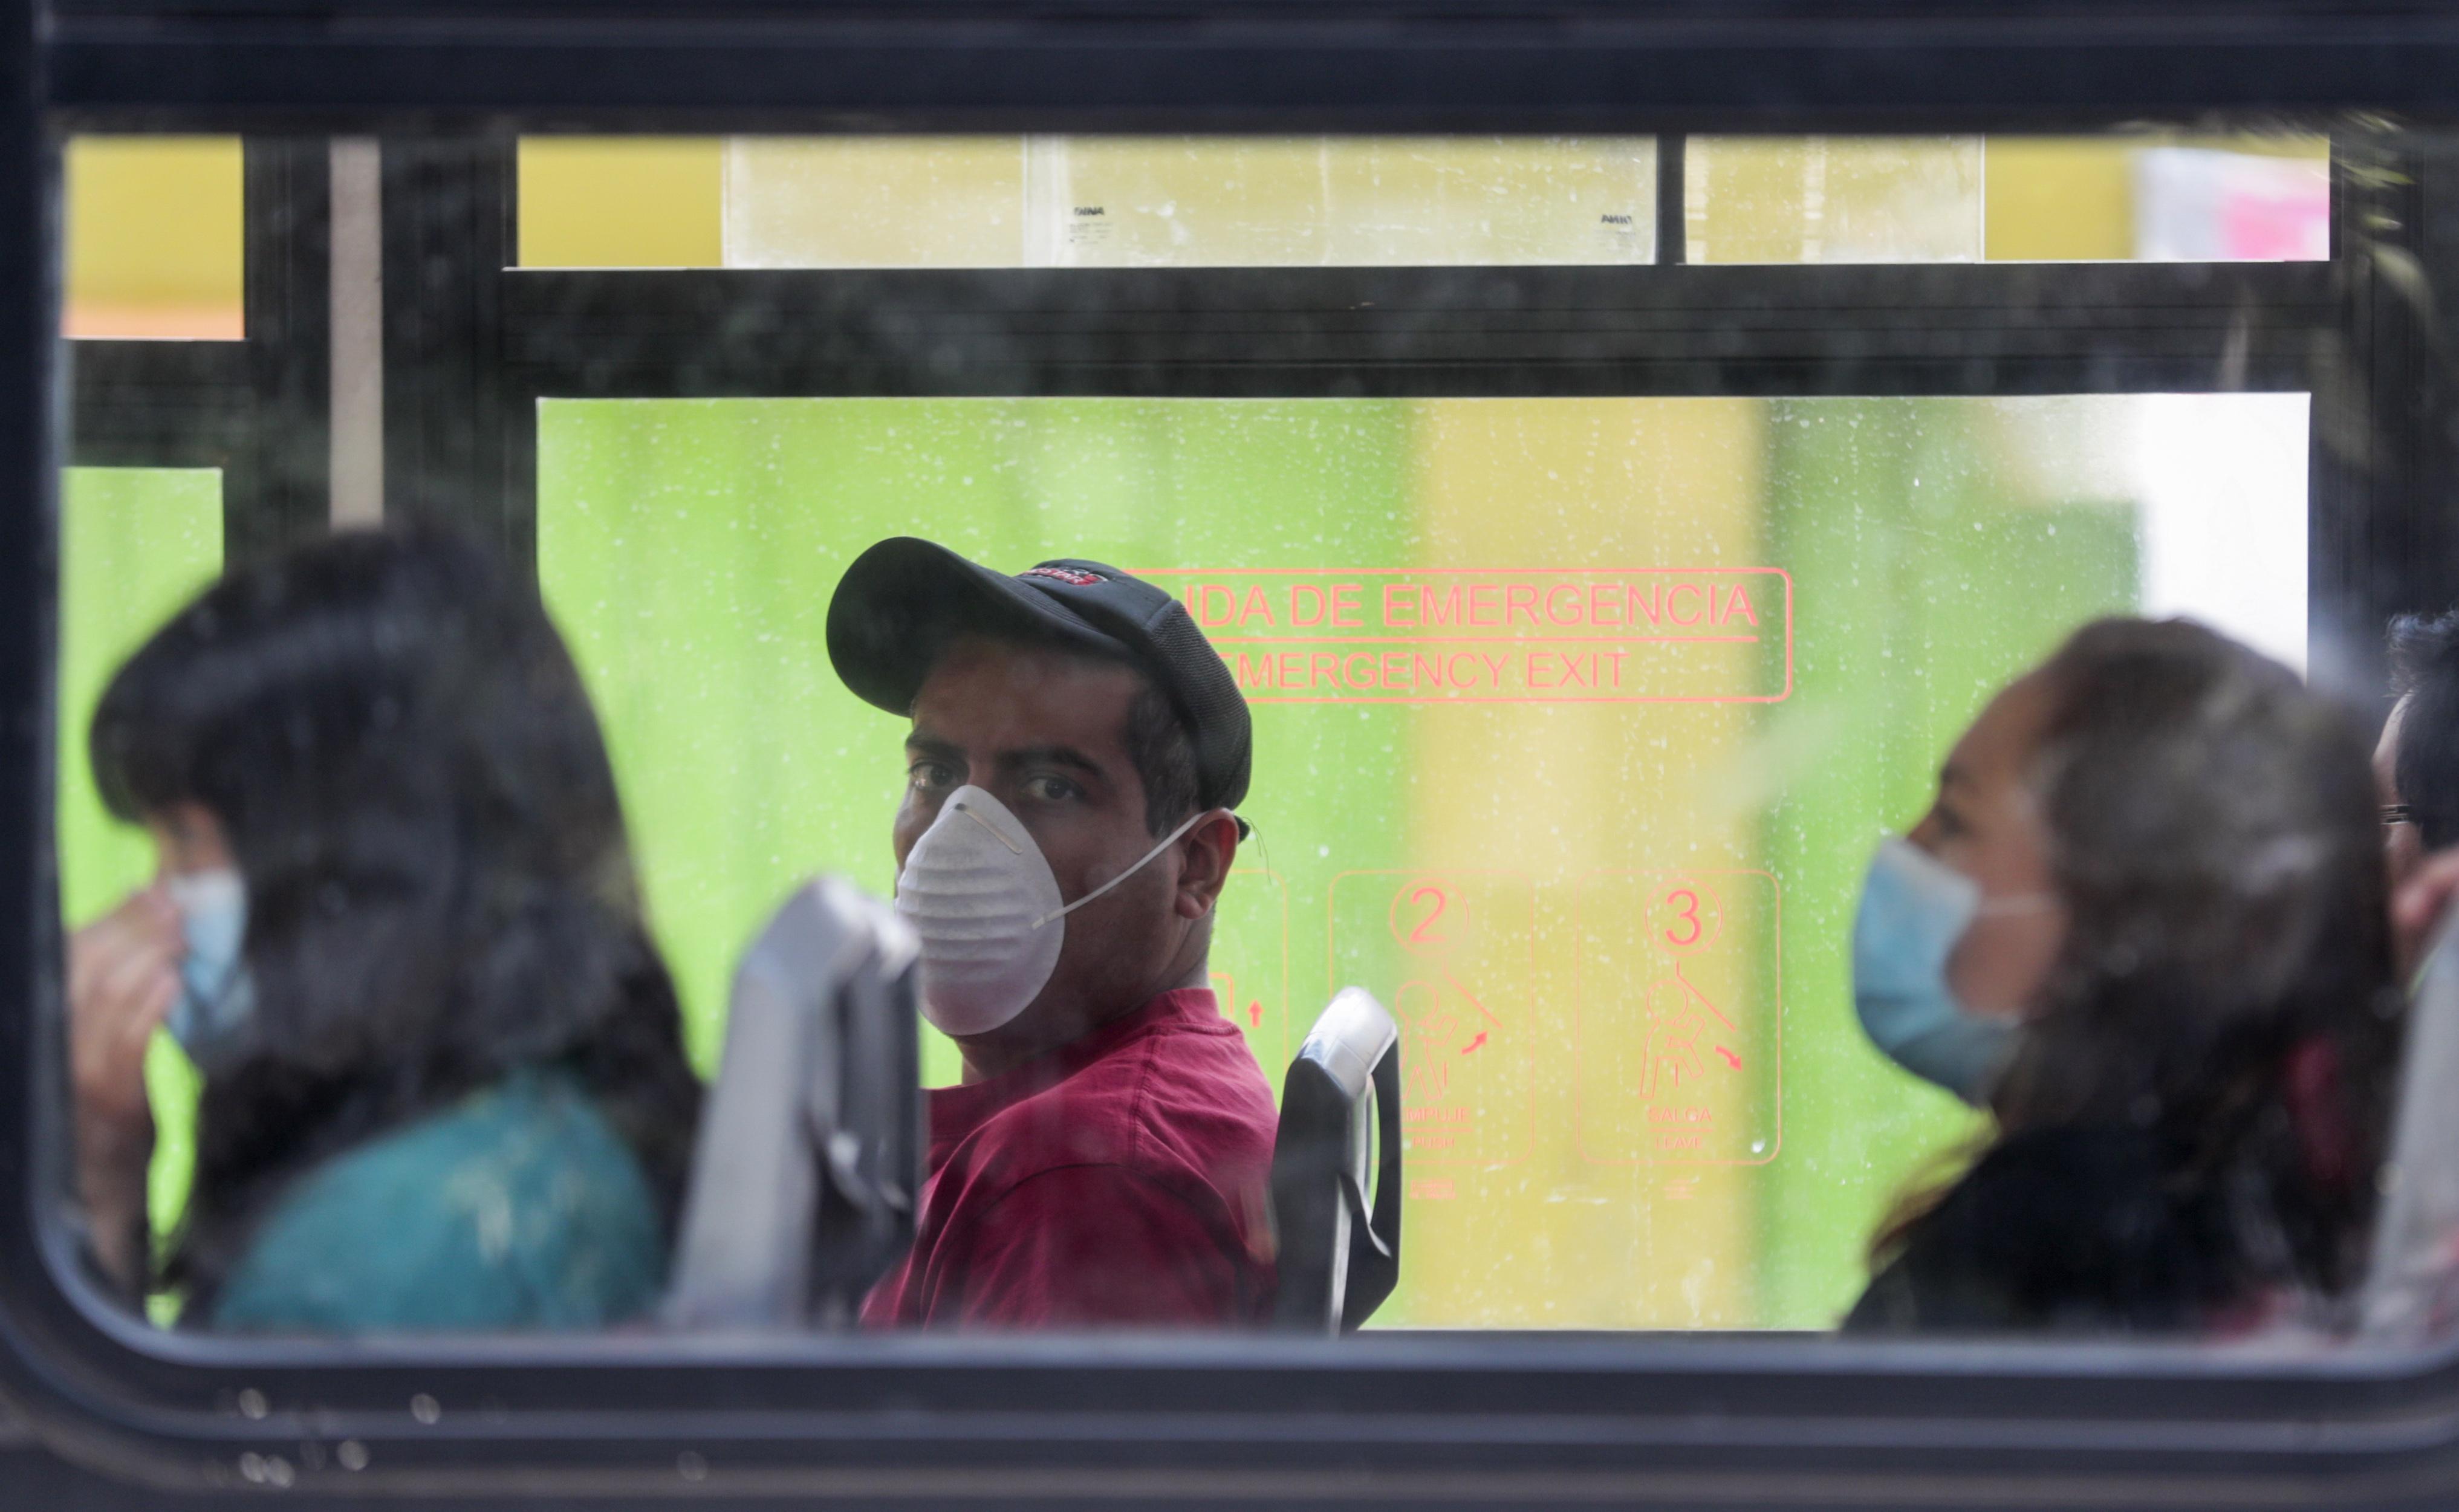 Los viajeros usan máscaras mientras viajan en un autobús, para evitar la propagación del nuevo coronavirus en la Ciudad de México, el martes 31 de marzo de 2020.